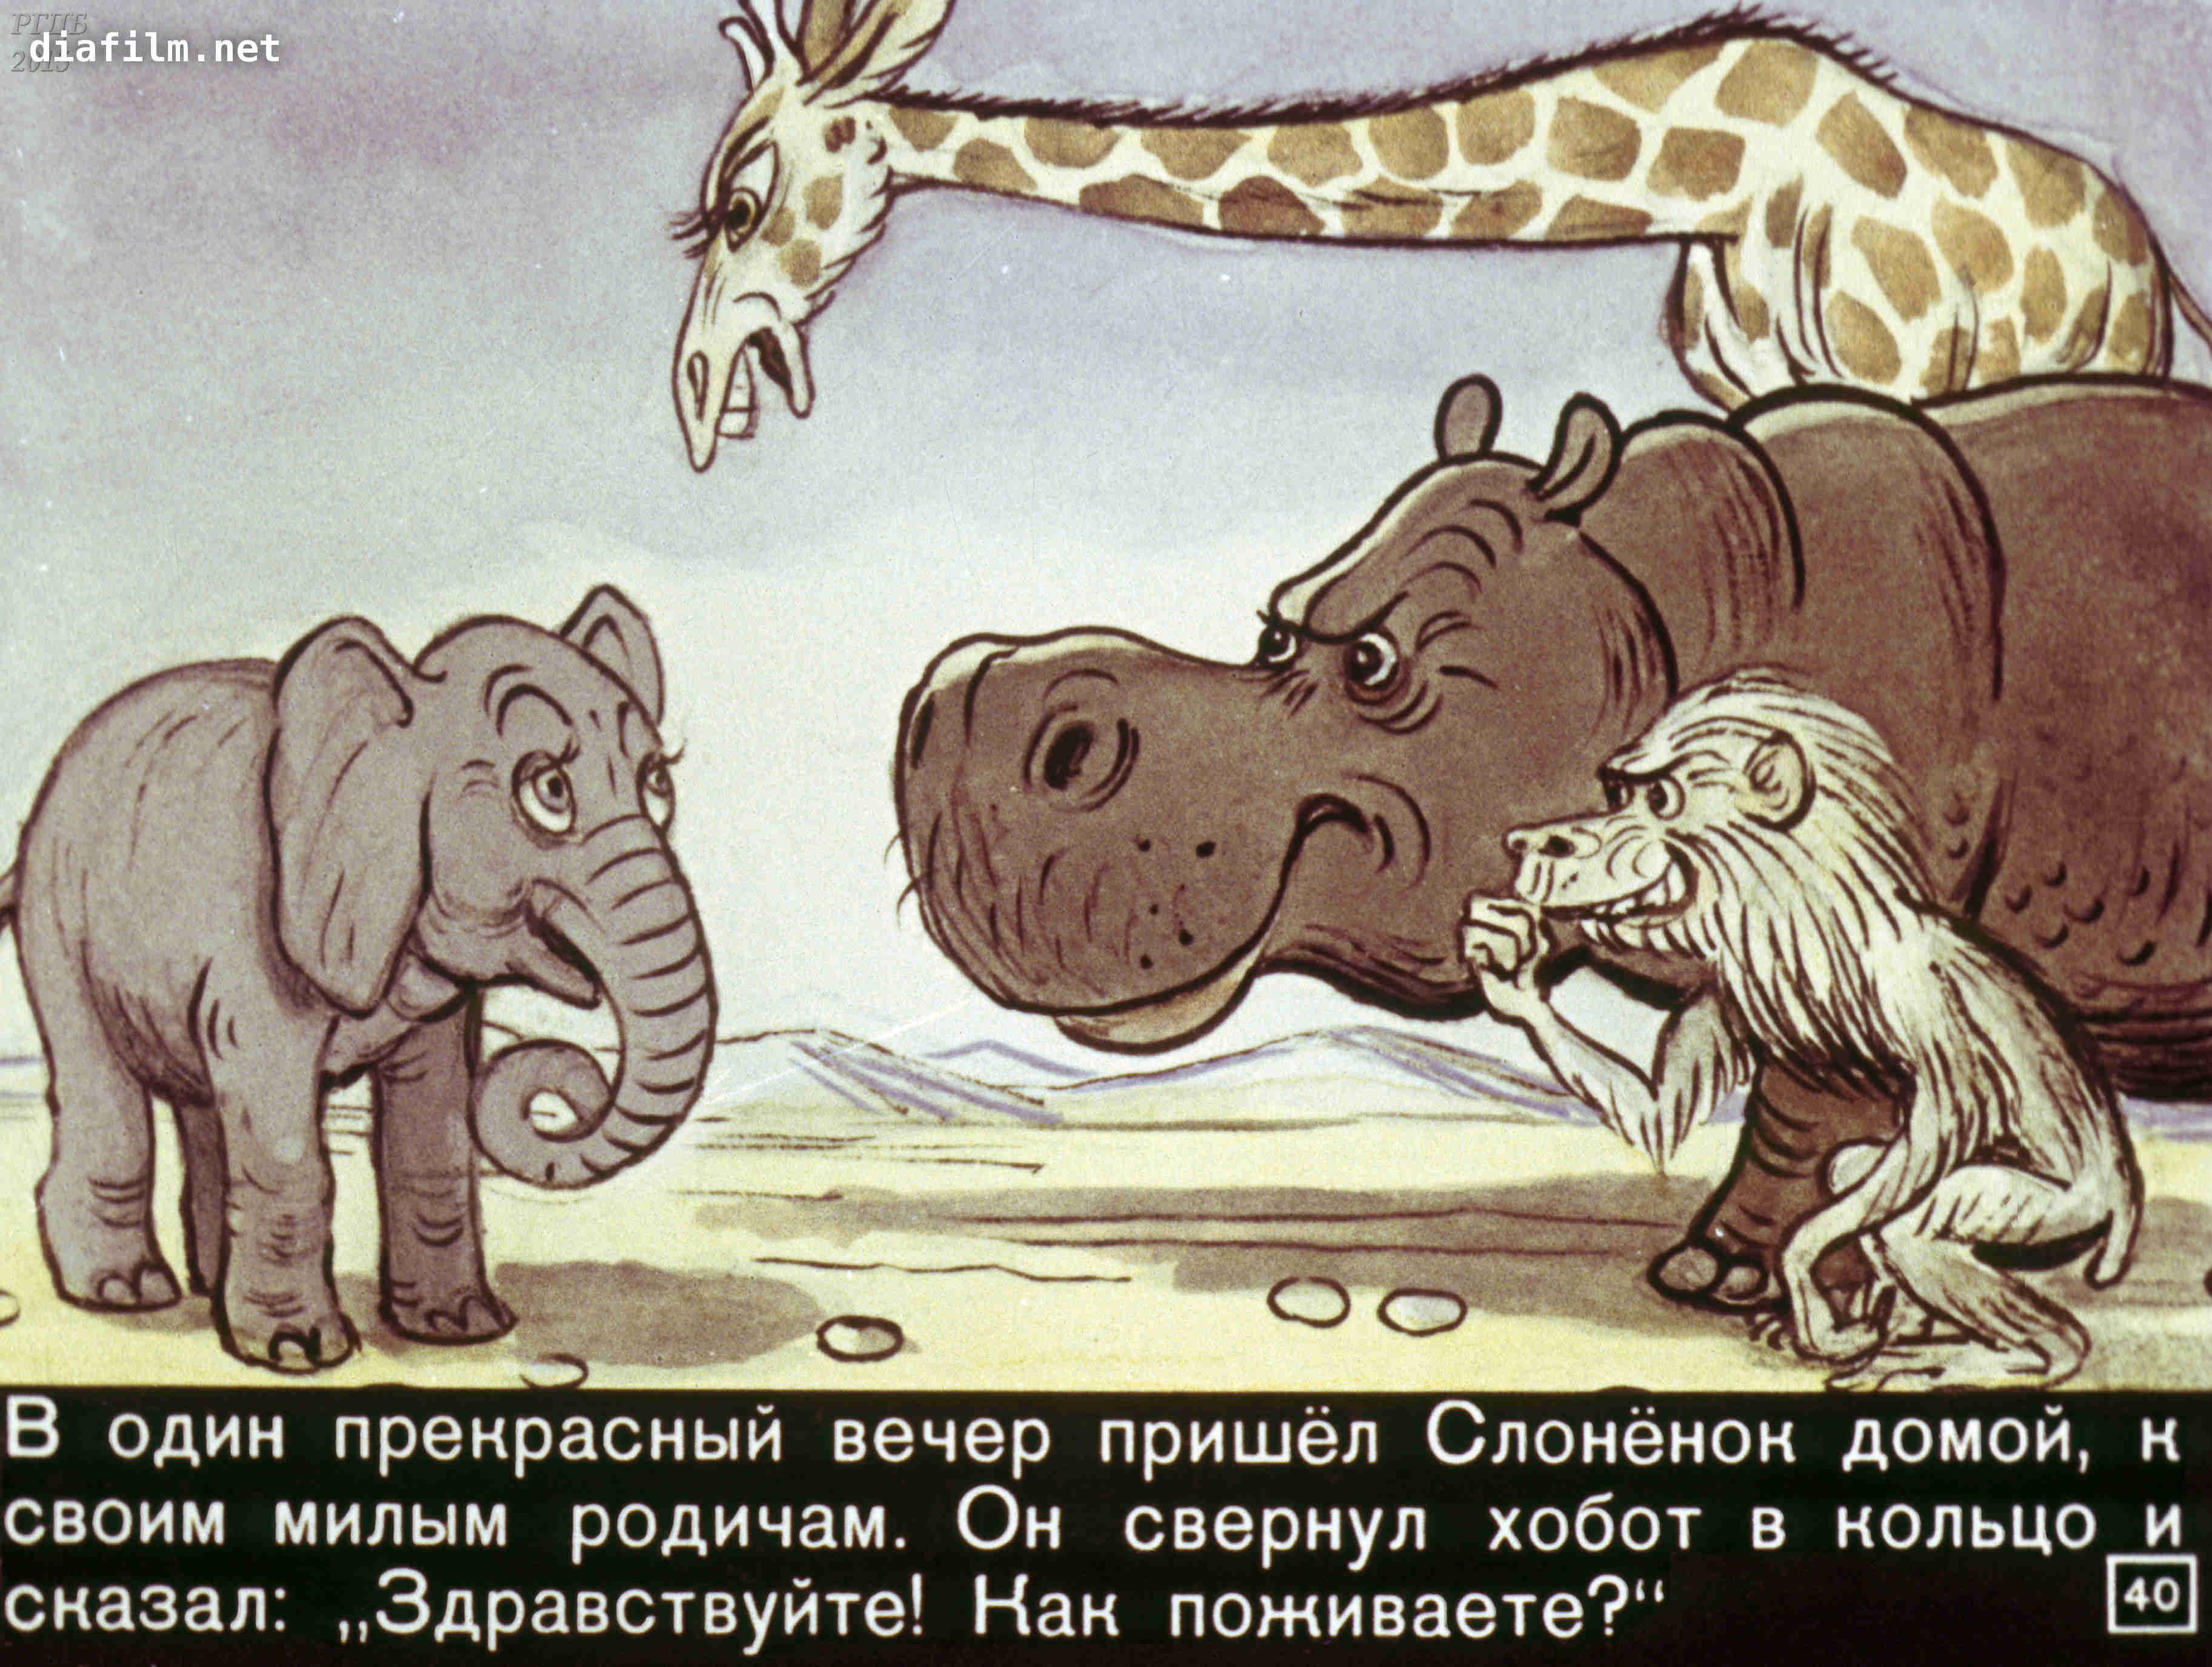 Киплинг картинки слоненок